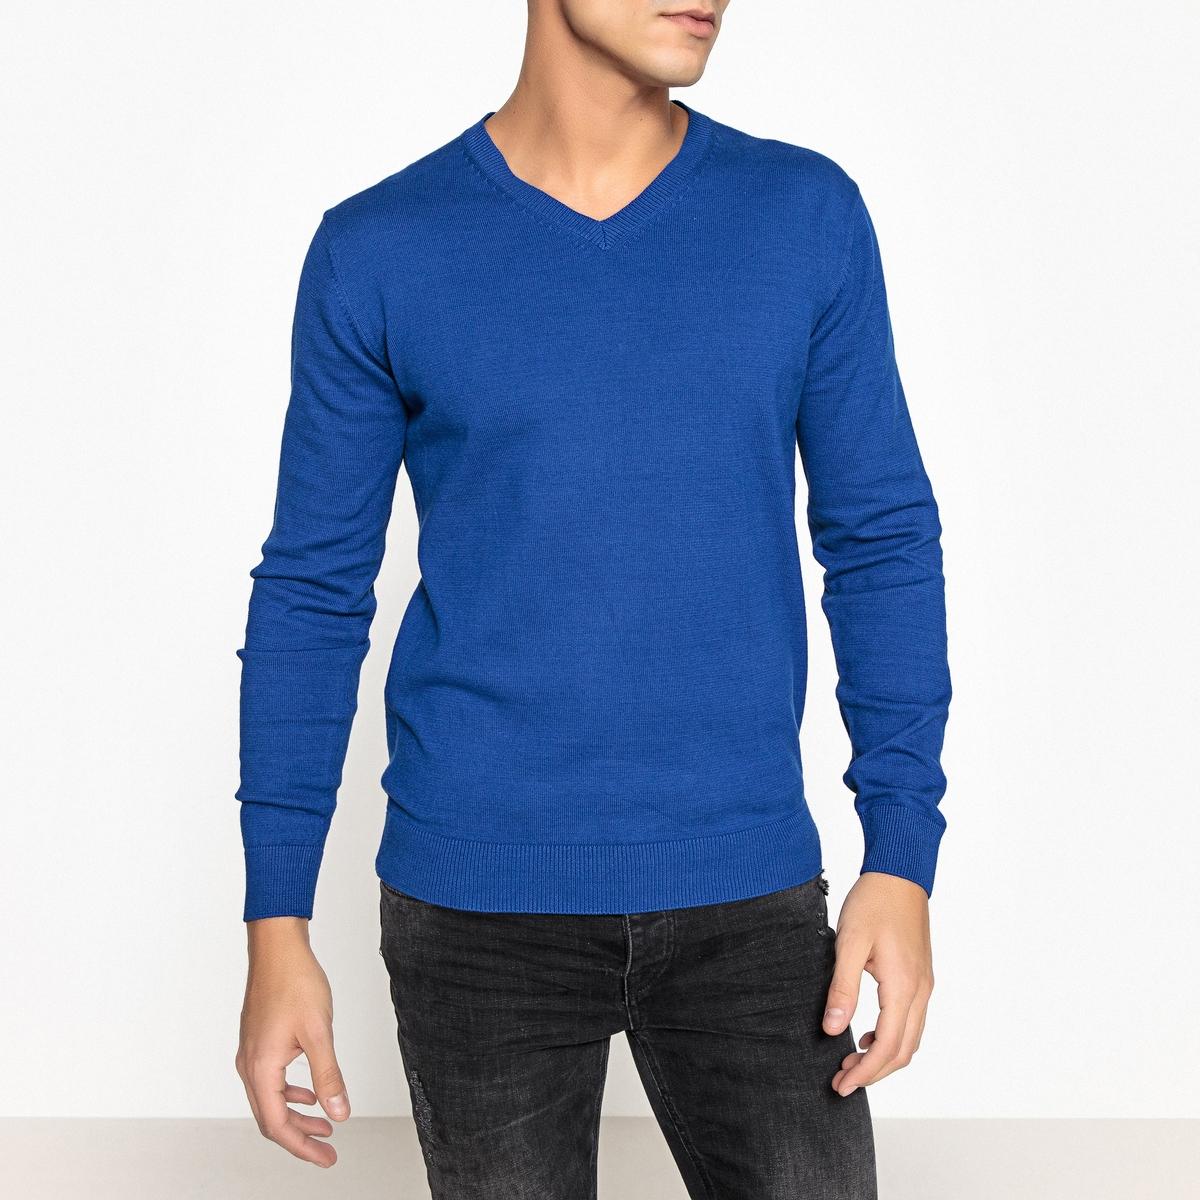 Пуловер с V-образным вырезом, 100% хлопкаПуловер с длинными рукавами. Прямой покрой, V-образный вырез. Края низа и рукавов связаны в рубчик.Состав и описание Материал : 100% хлопкаМарка : R essentiel.<br><br>Цвет: бежевый меланж,черный<br>Размер: L.M.S